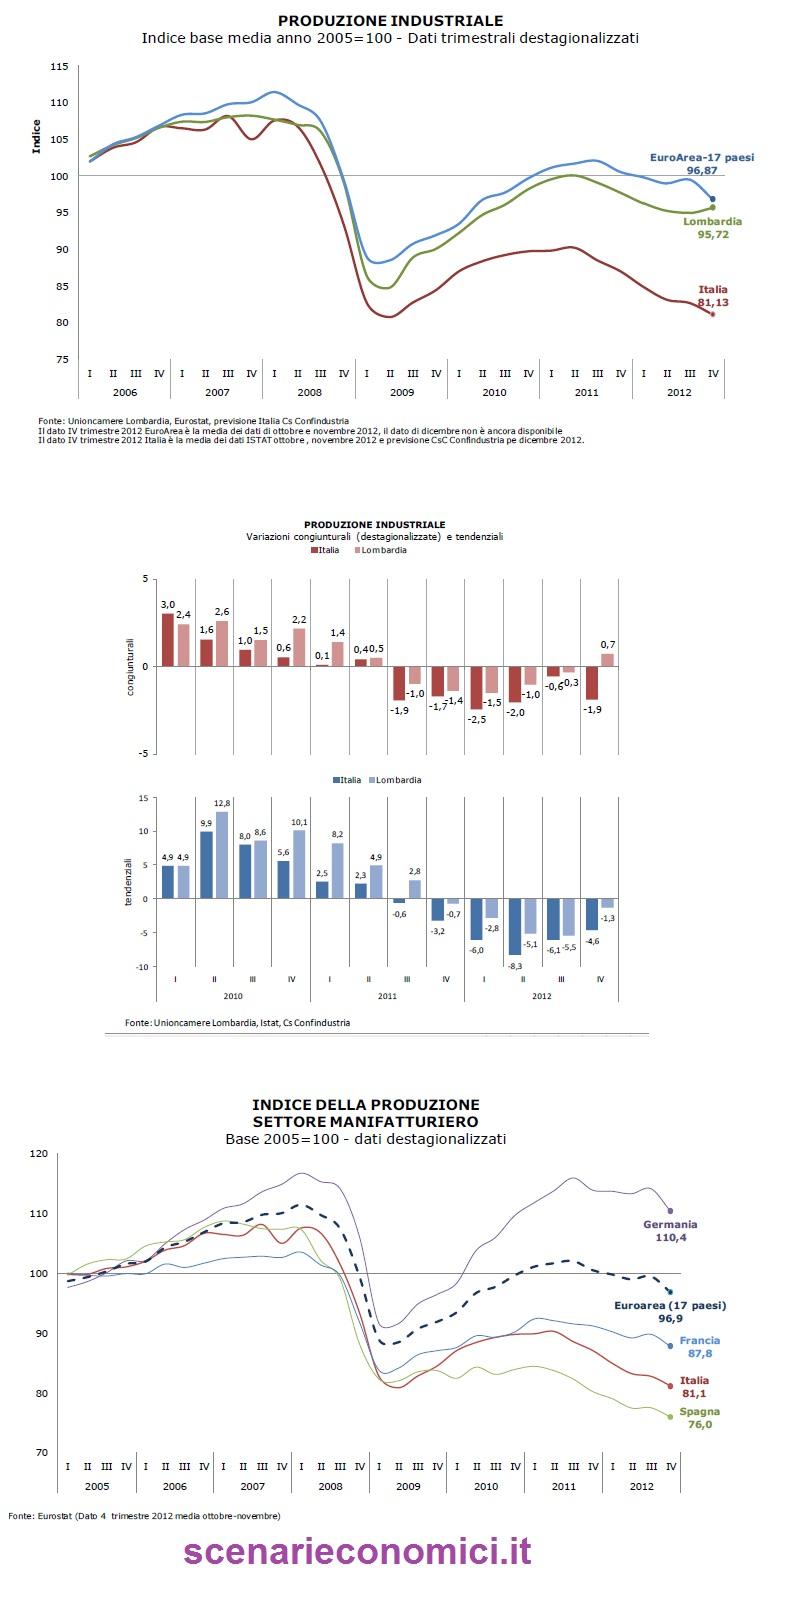 produzione industriale della Lombardia a confronto con Italia ed Europa